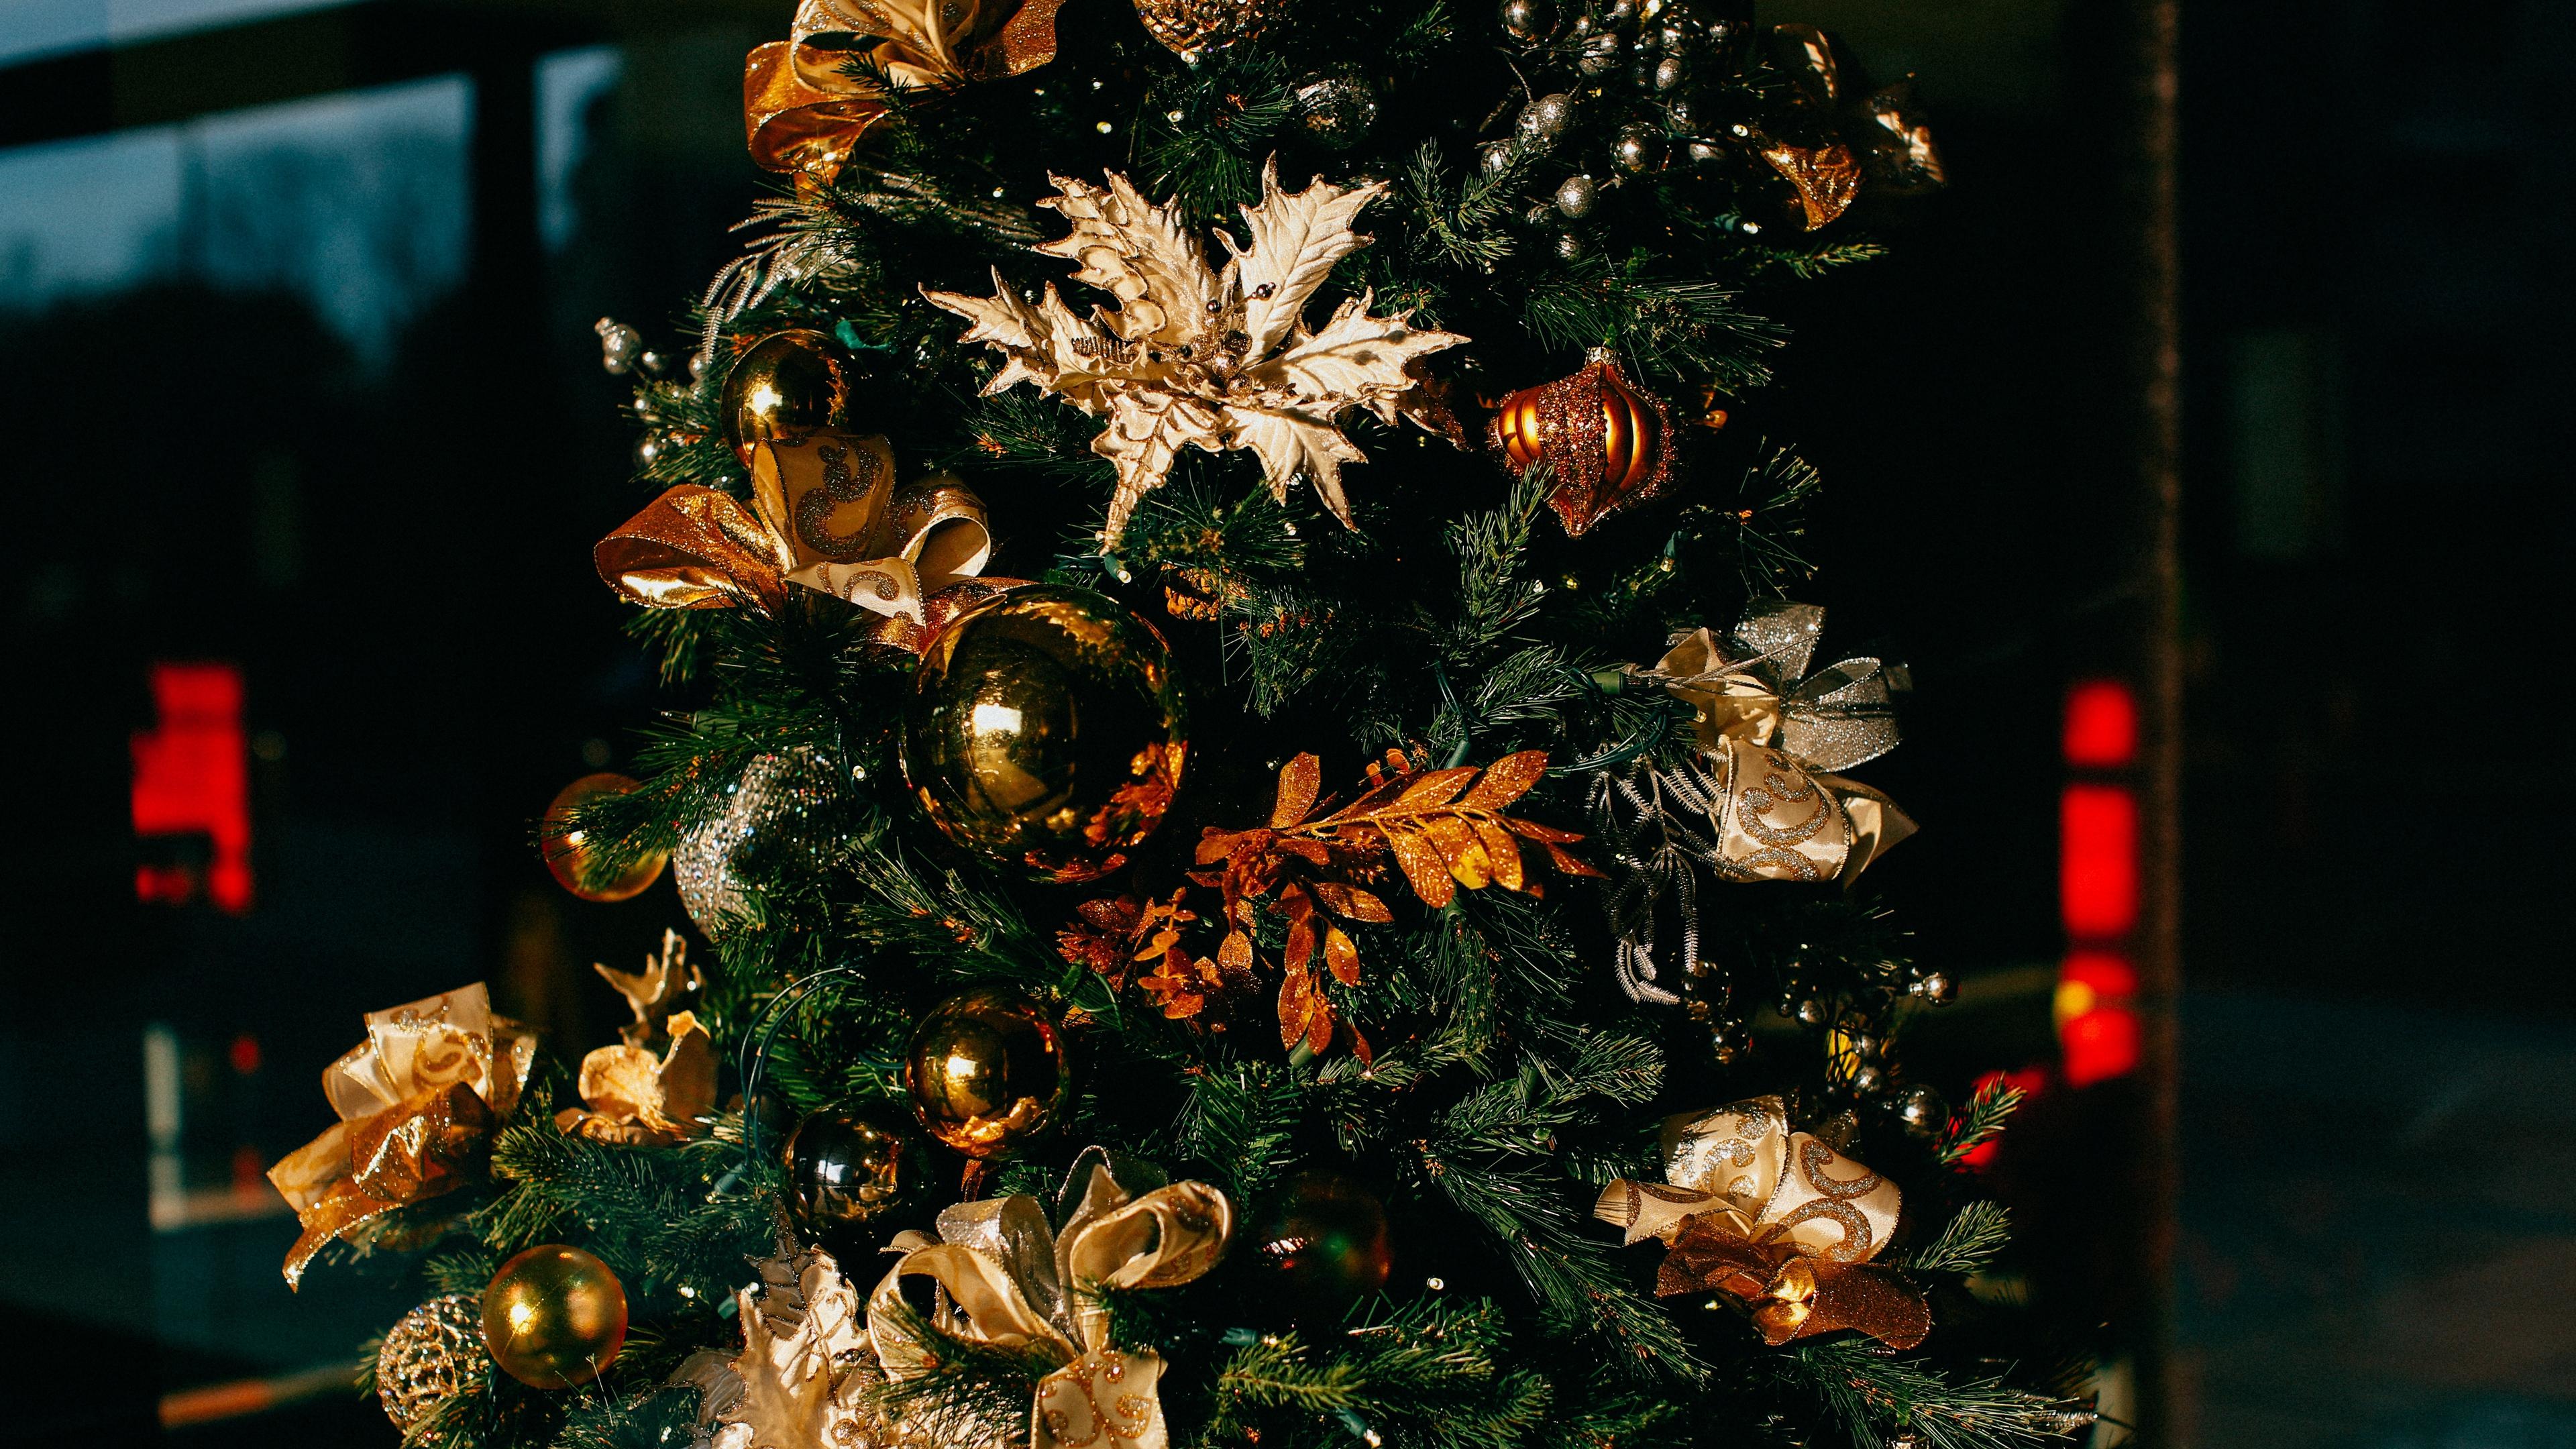 christmas christmas tree christmas toys new year 4k 1538344737 - christmas, christmas tree, christmas toys, new year 4k - christmas tree, christmas toys, Christmas